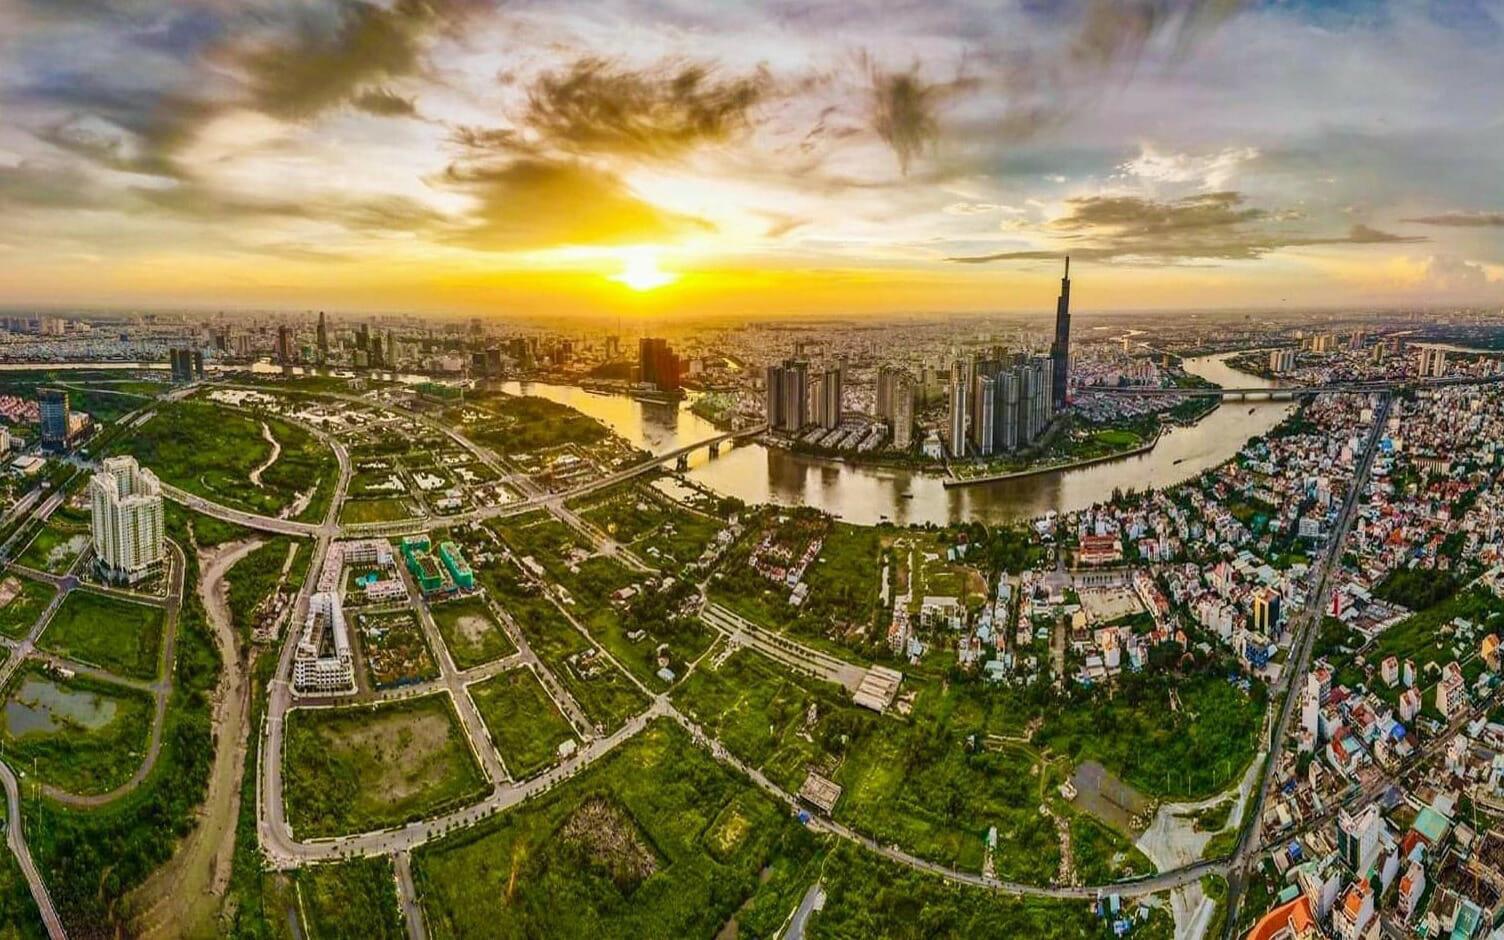 Thành phố mới Thủ Đức được xây dựng để thúc đẩy nền kinh tế của khu vực phía Đông nước ta